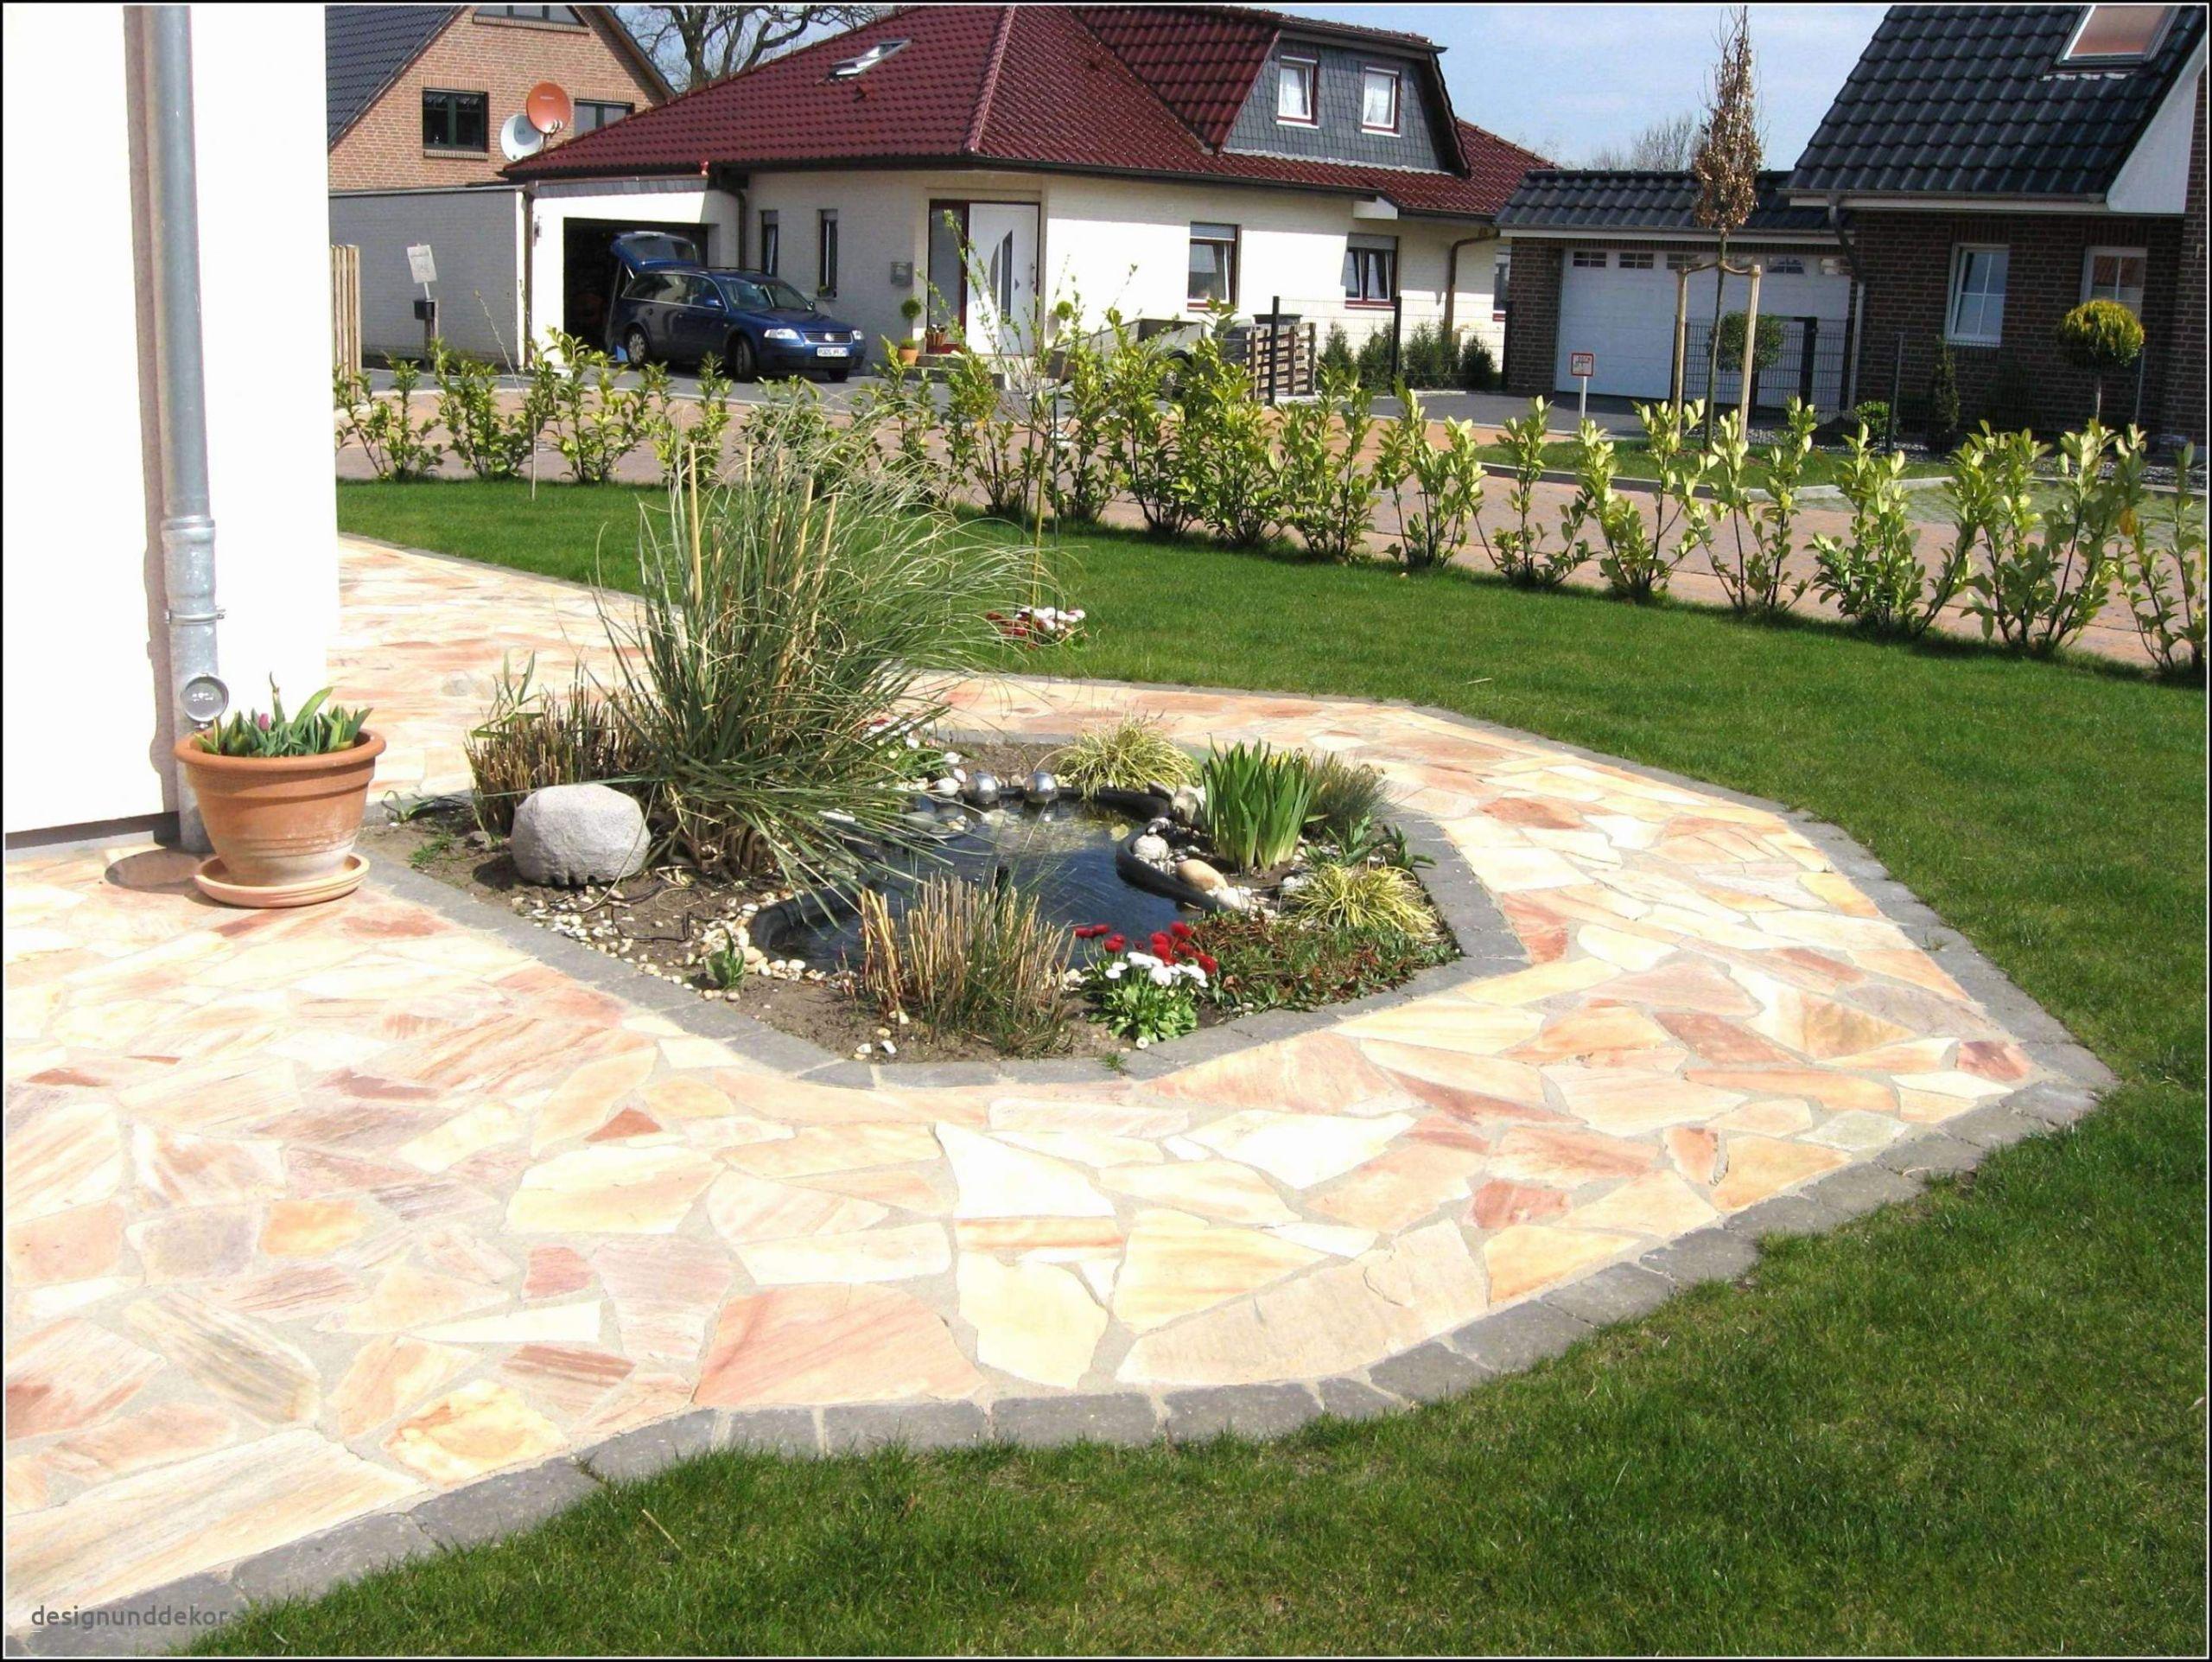 Selber Machen Garten Frisch 38 Inspirierend Garten Hanglage Gestaltung Bilder Das Beste